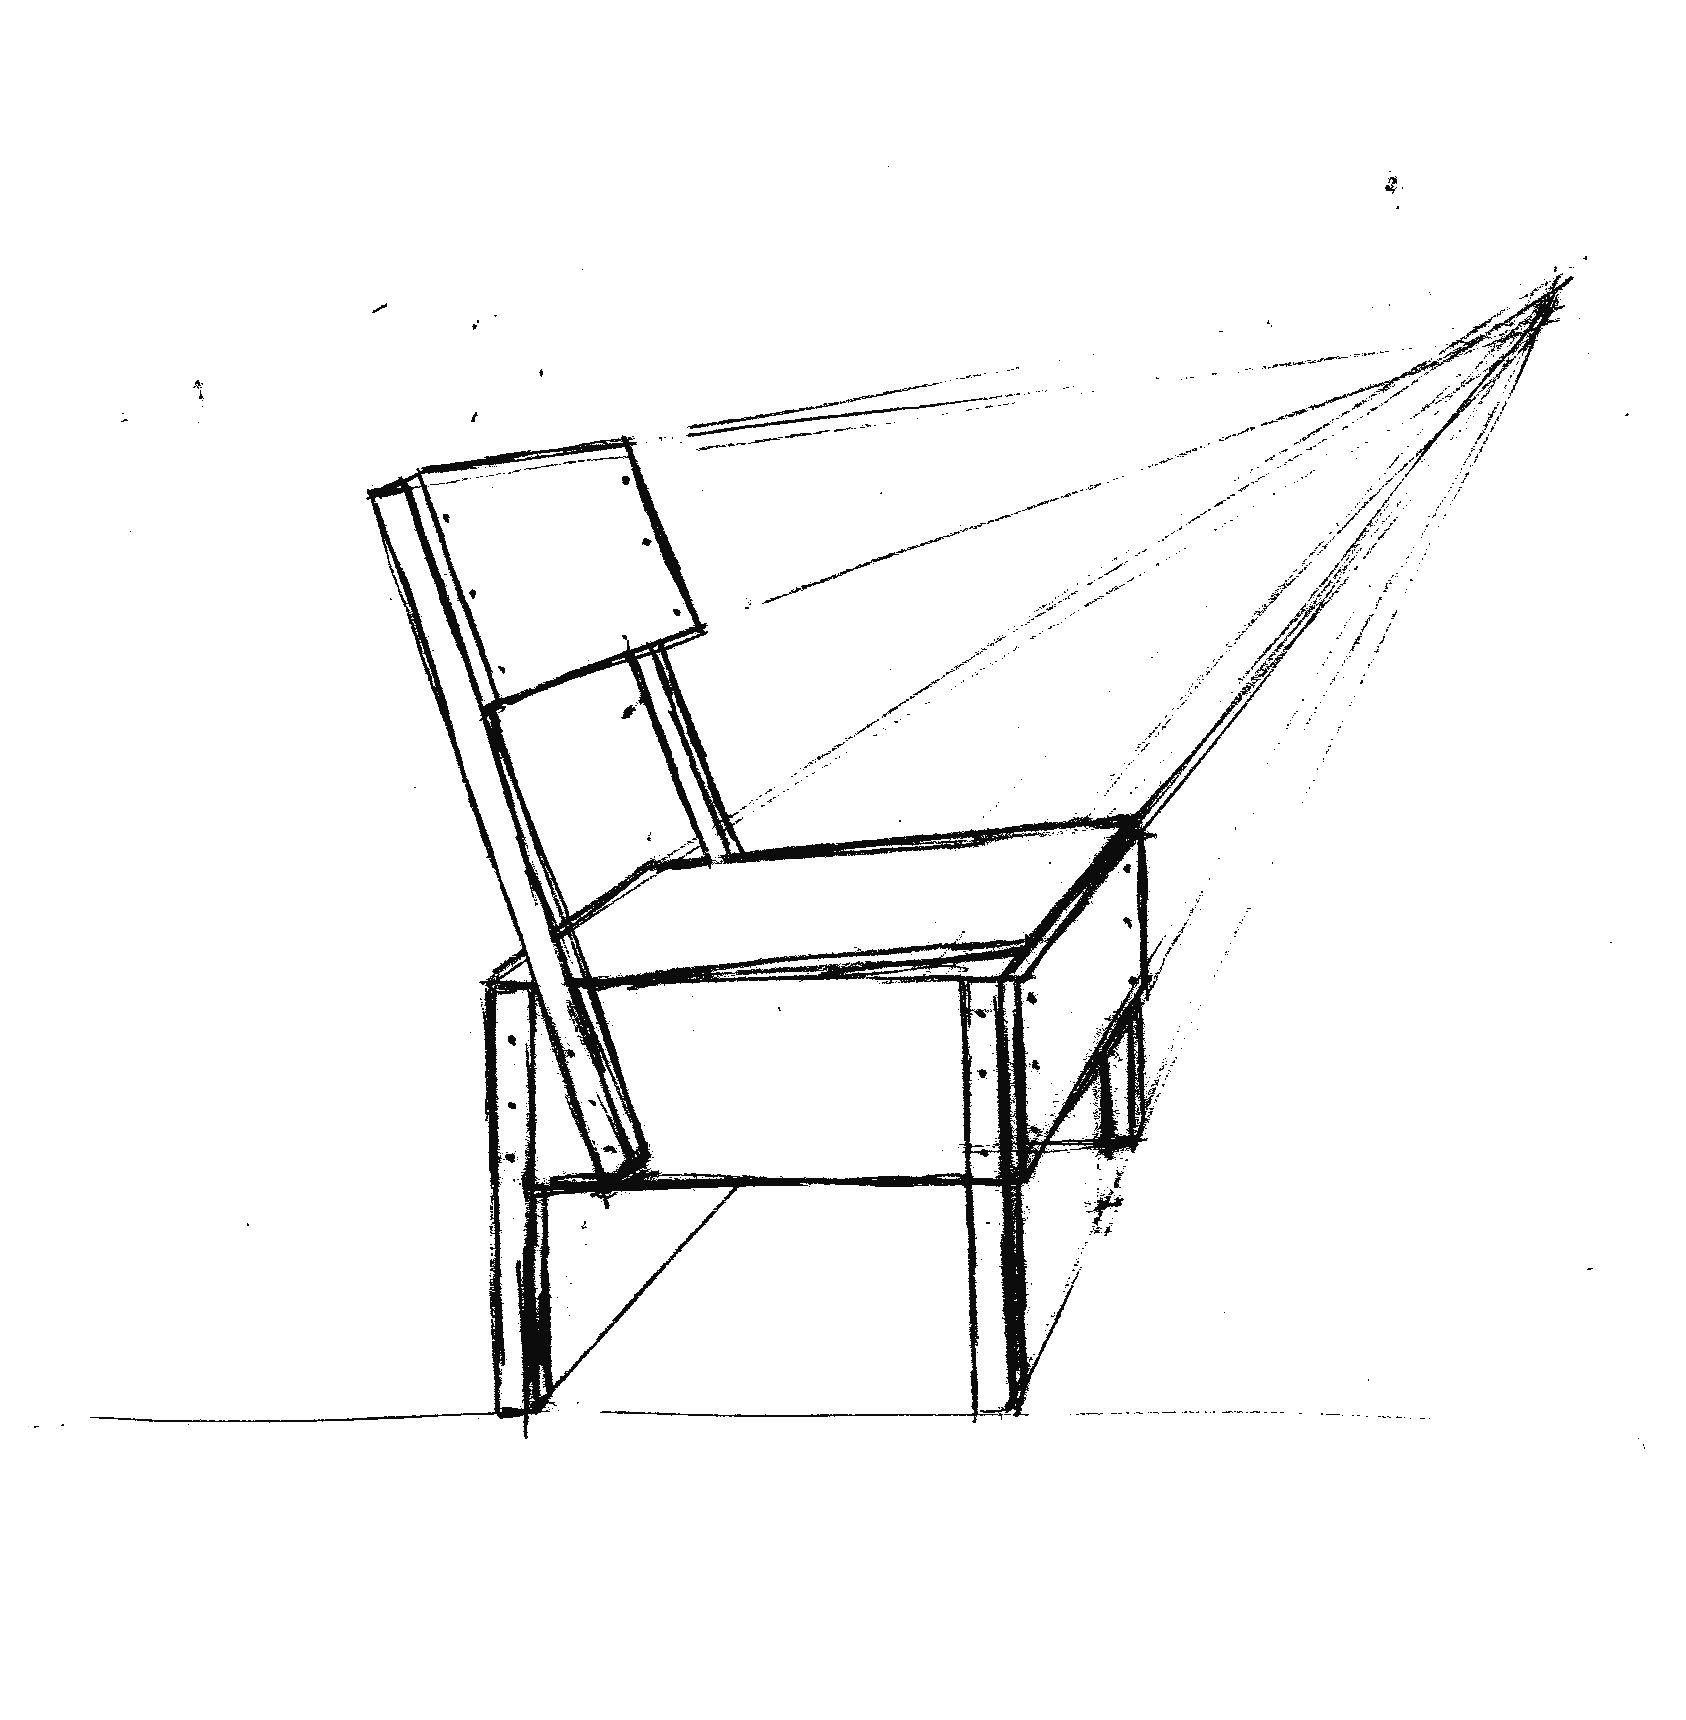 Silla A Un Punto De Fuga Punto De Fuga Dibujo De Arquitectura Anatomia Para Artistas